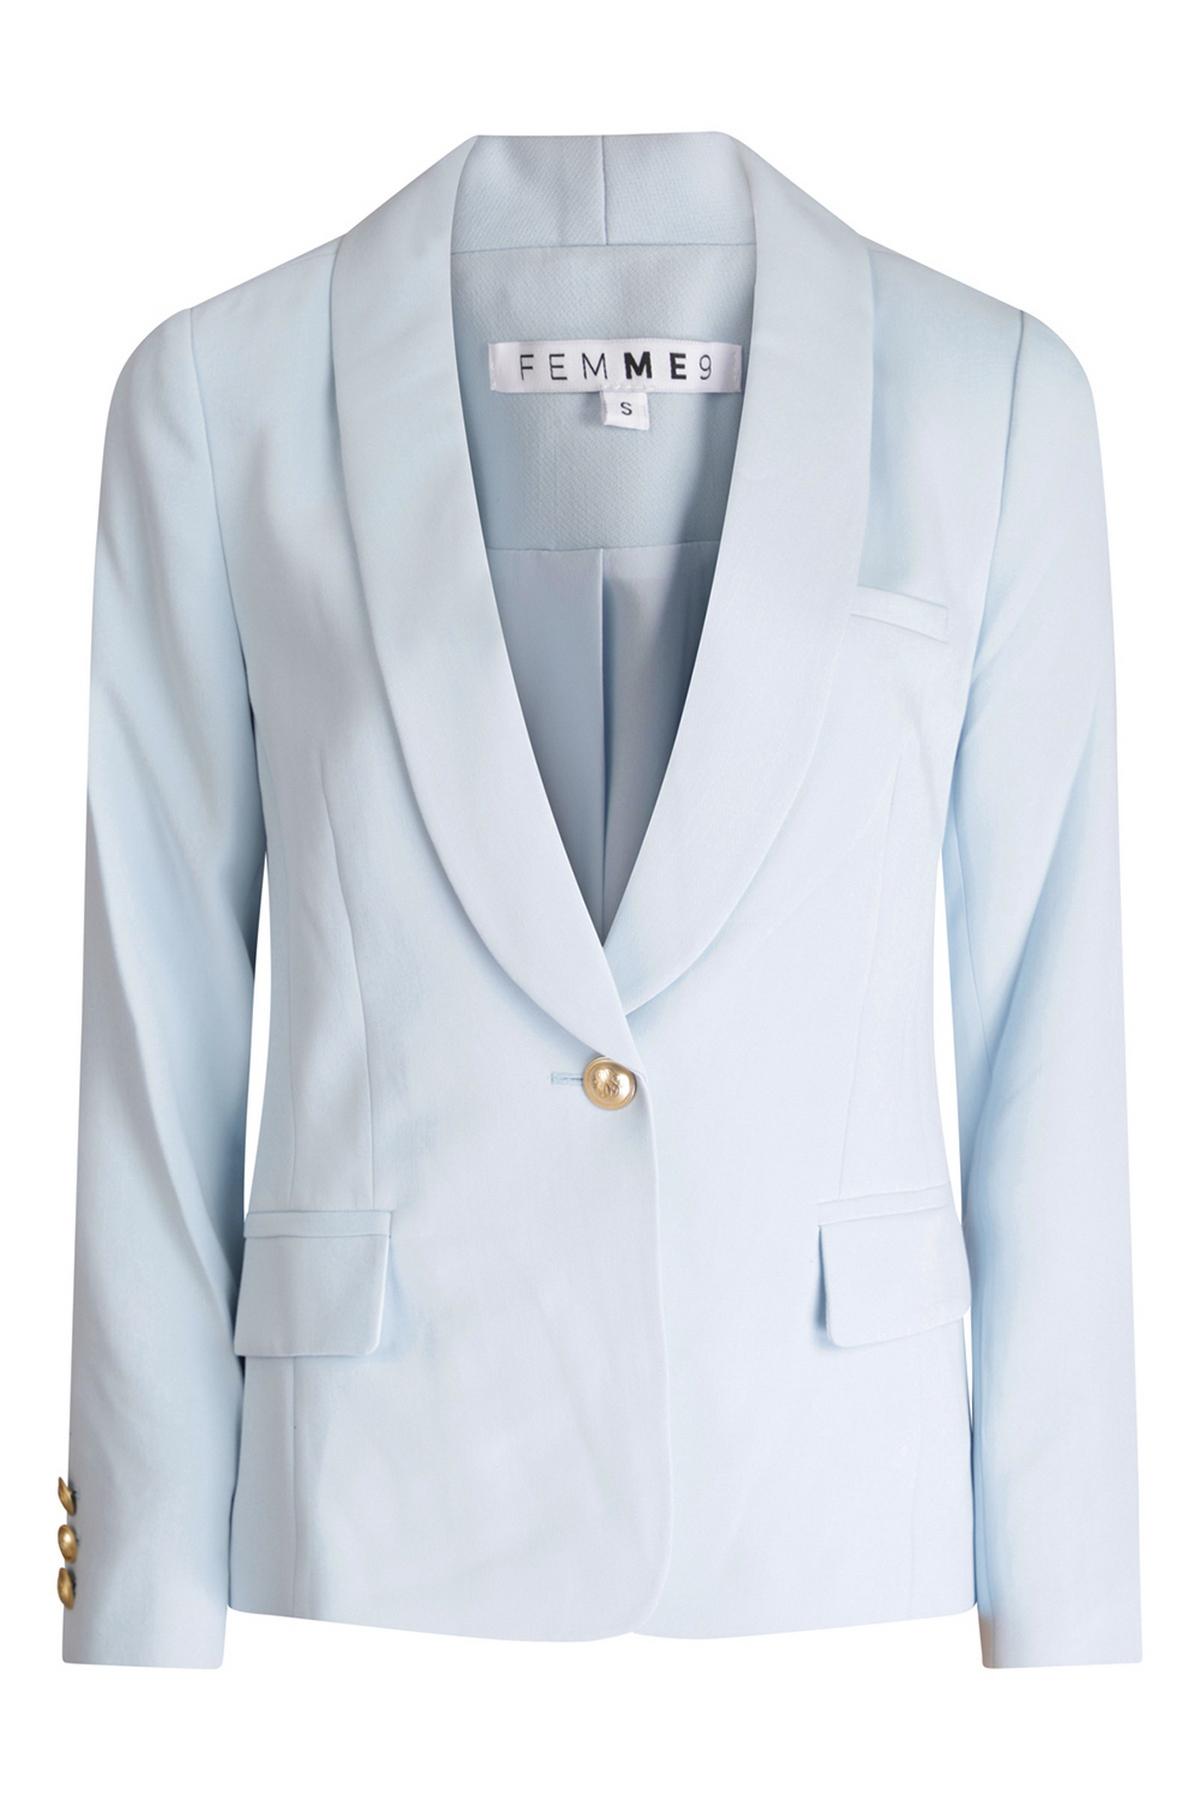 Femme9 Blazer - Jasje Blauw Amy